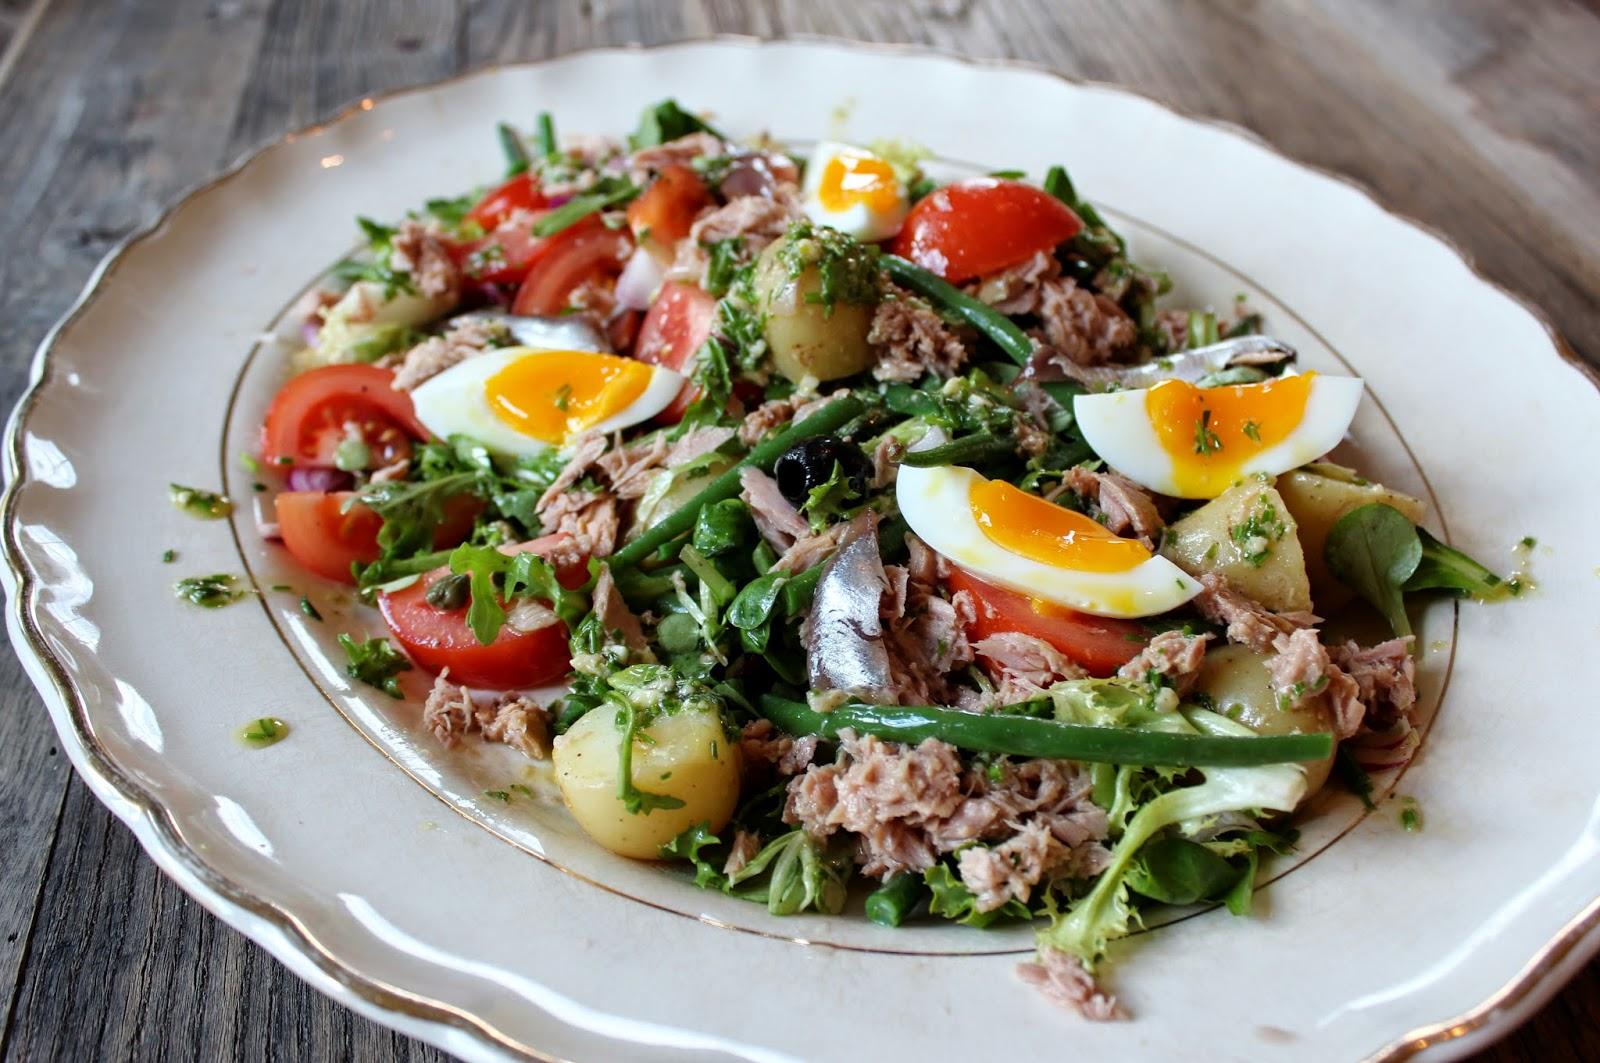 http://monicasoppskrifter.blogspot.no/2014/05/salade-nicoise-tunfisksalat-fra-nice.html